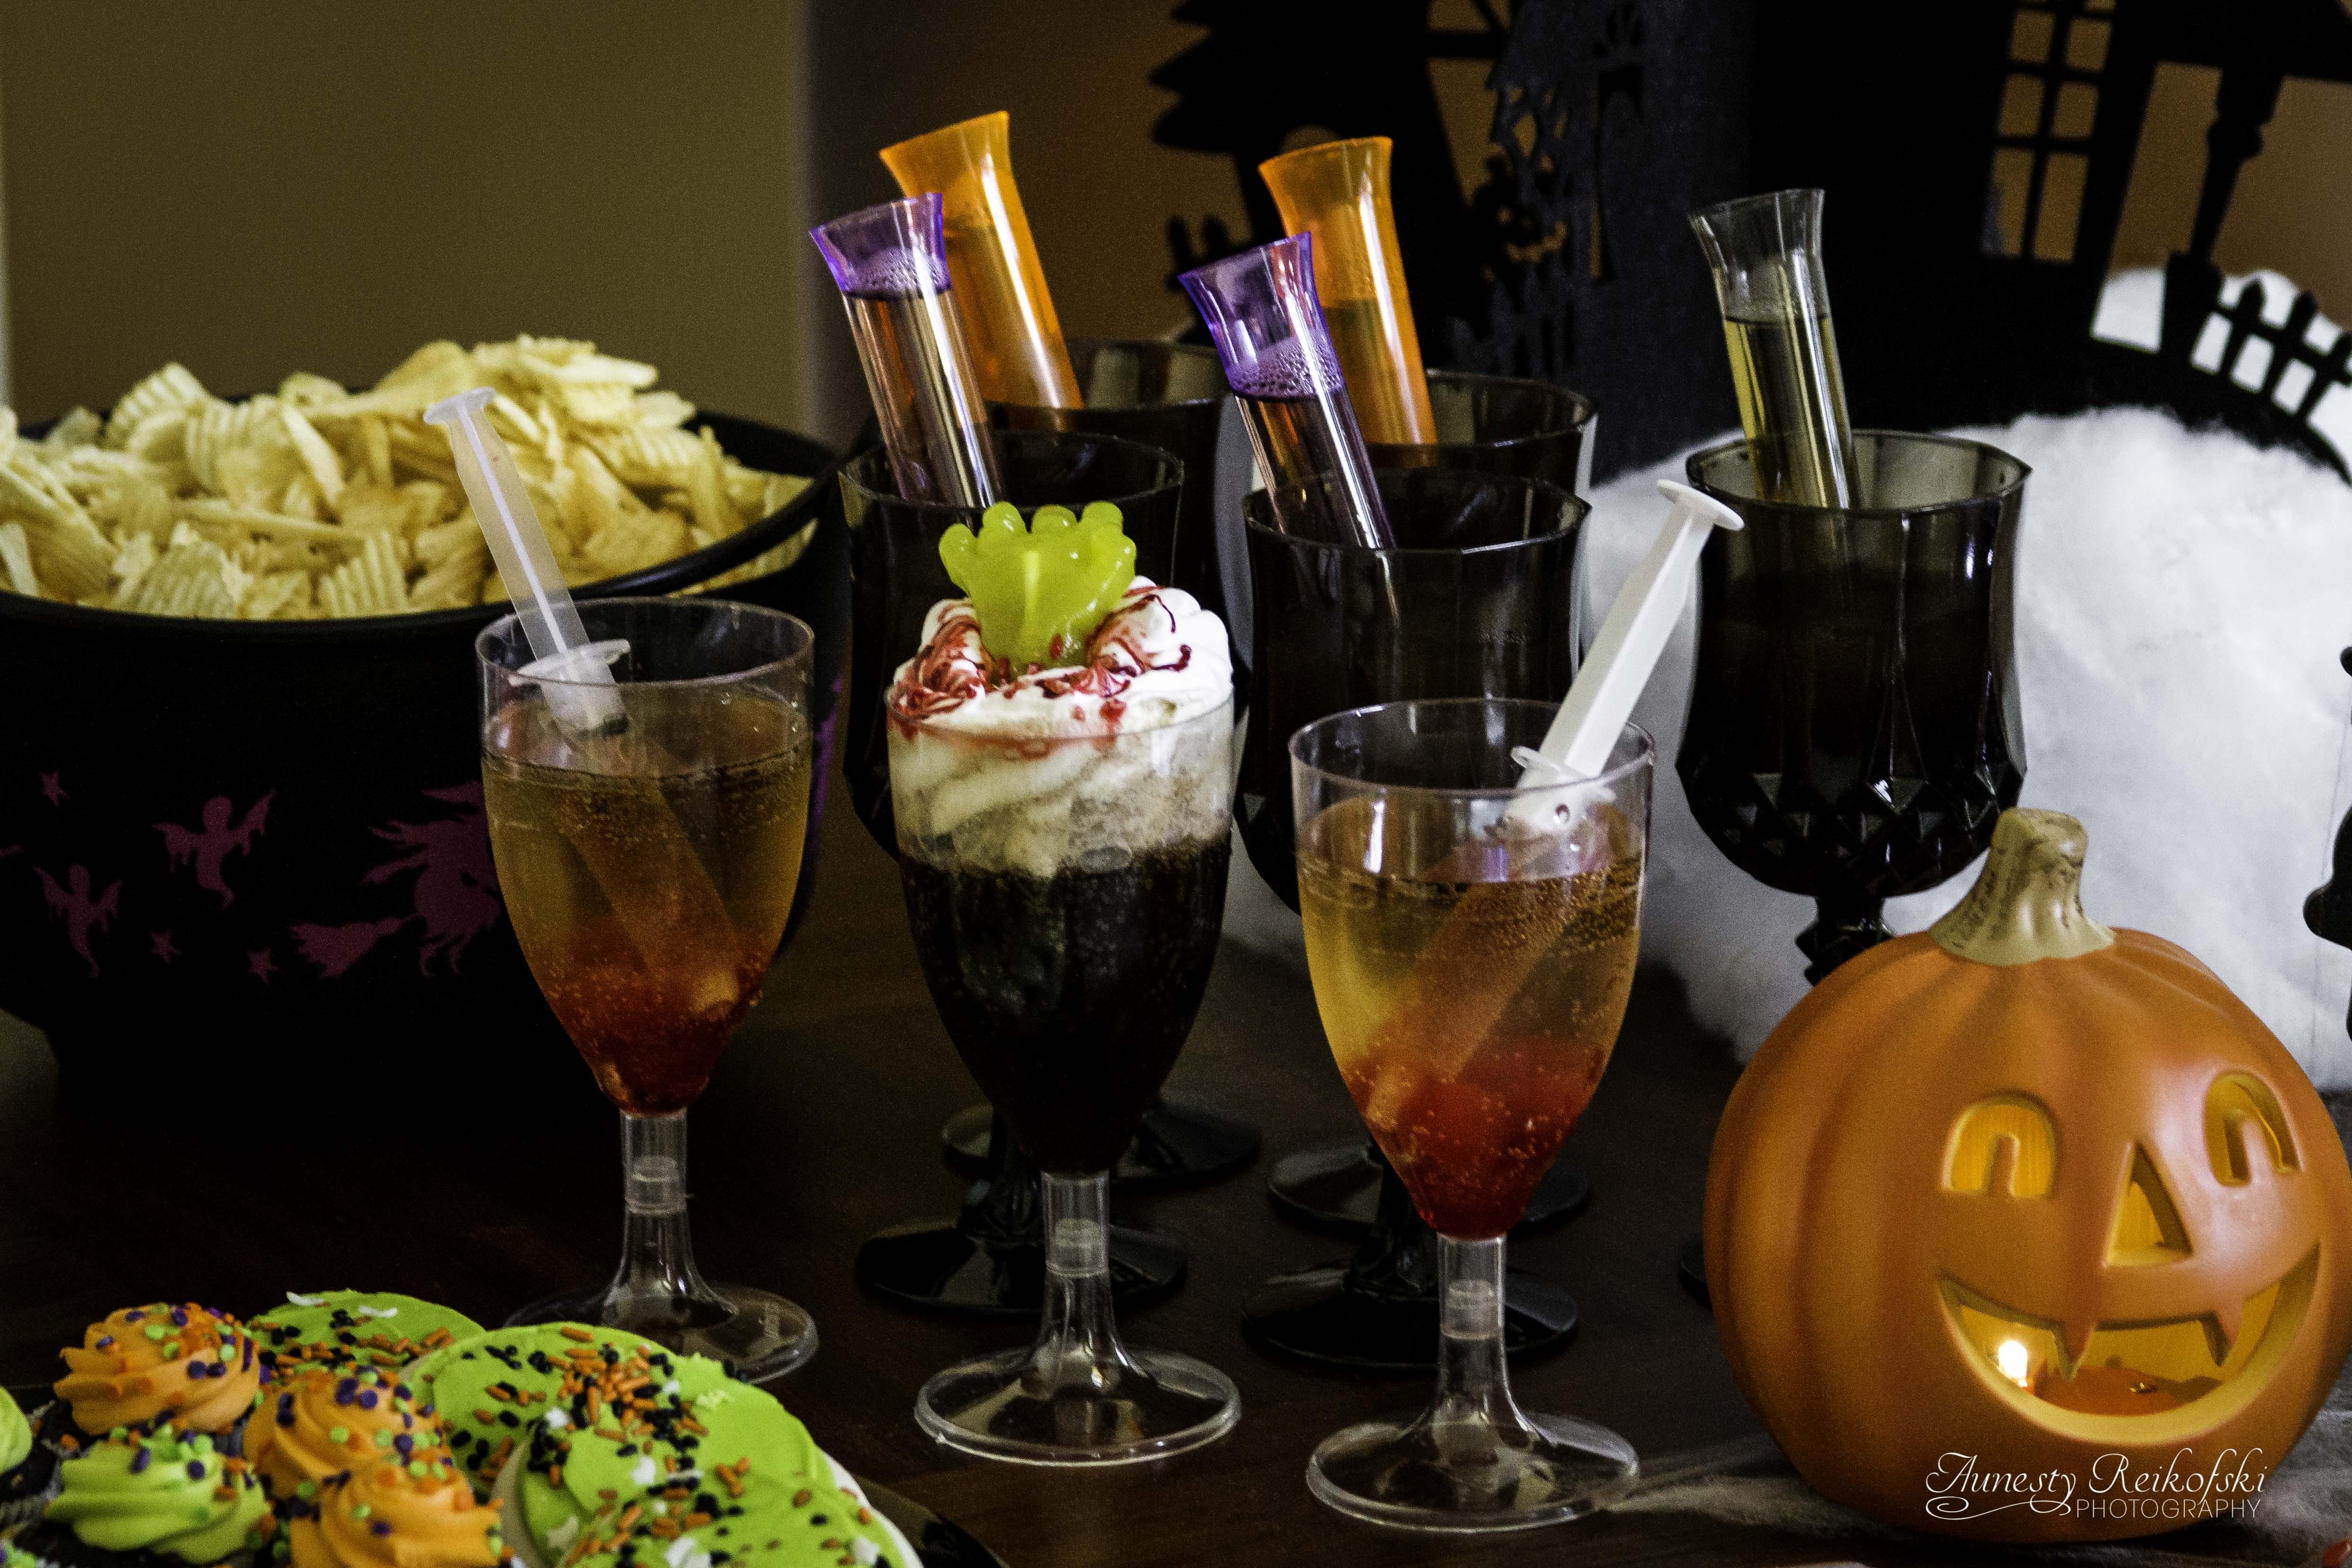 Топ-5 коктейлей для хэллоуина: неординарные рецепты